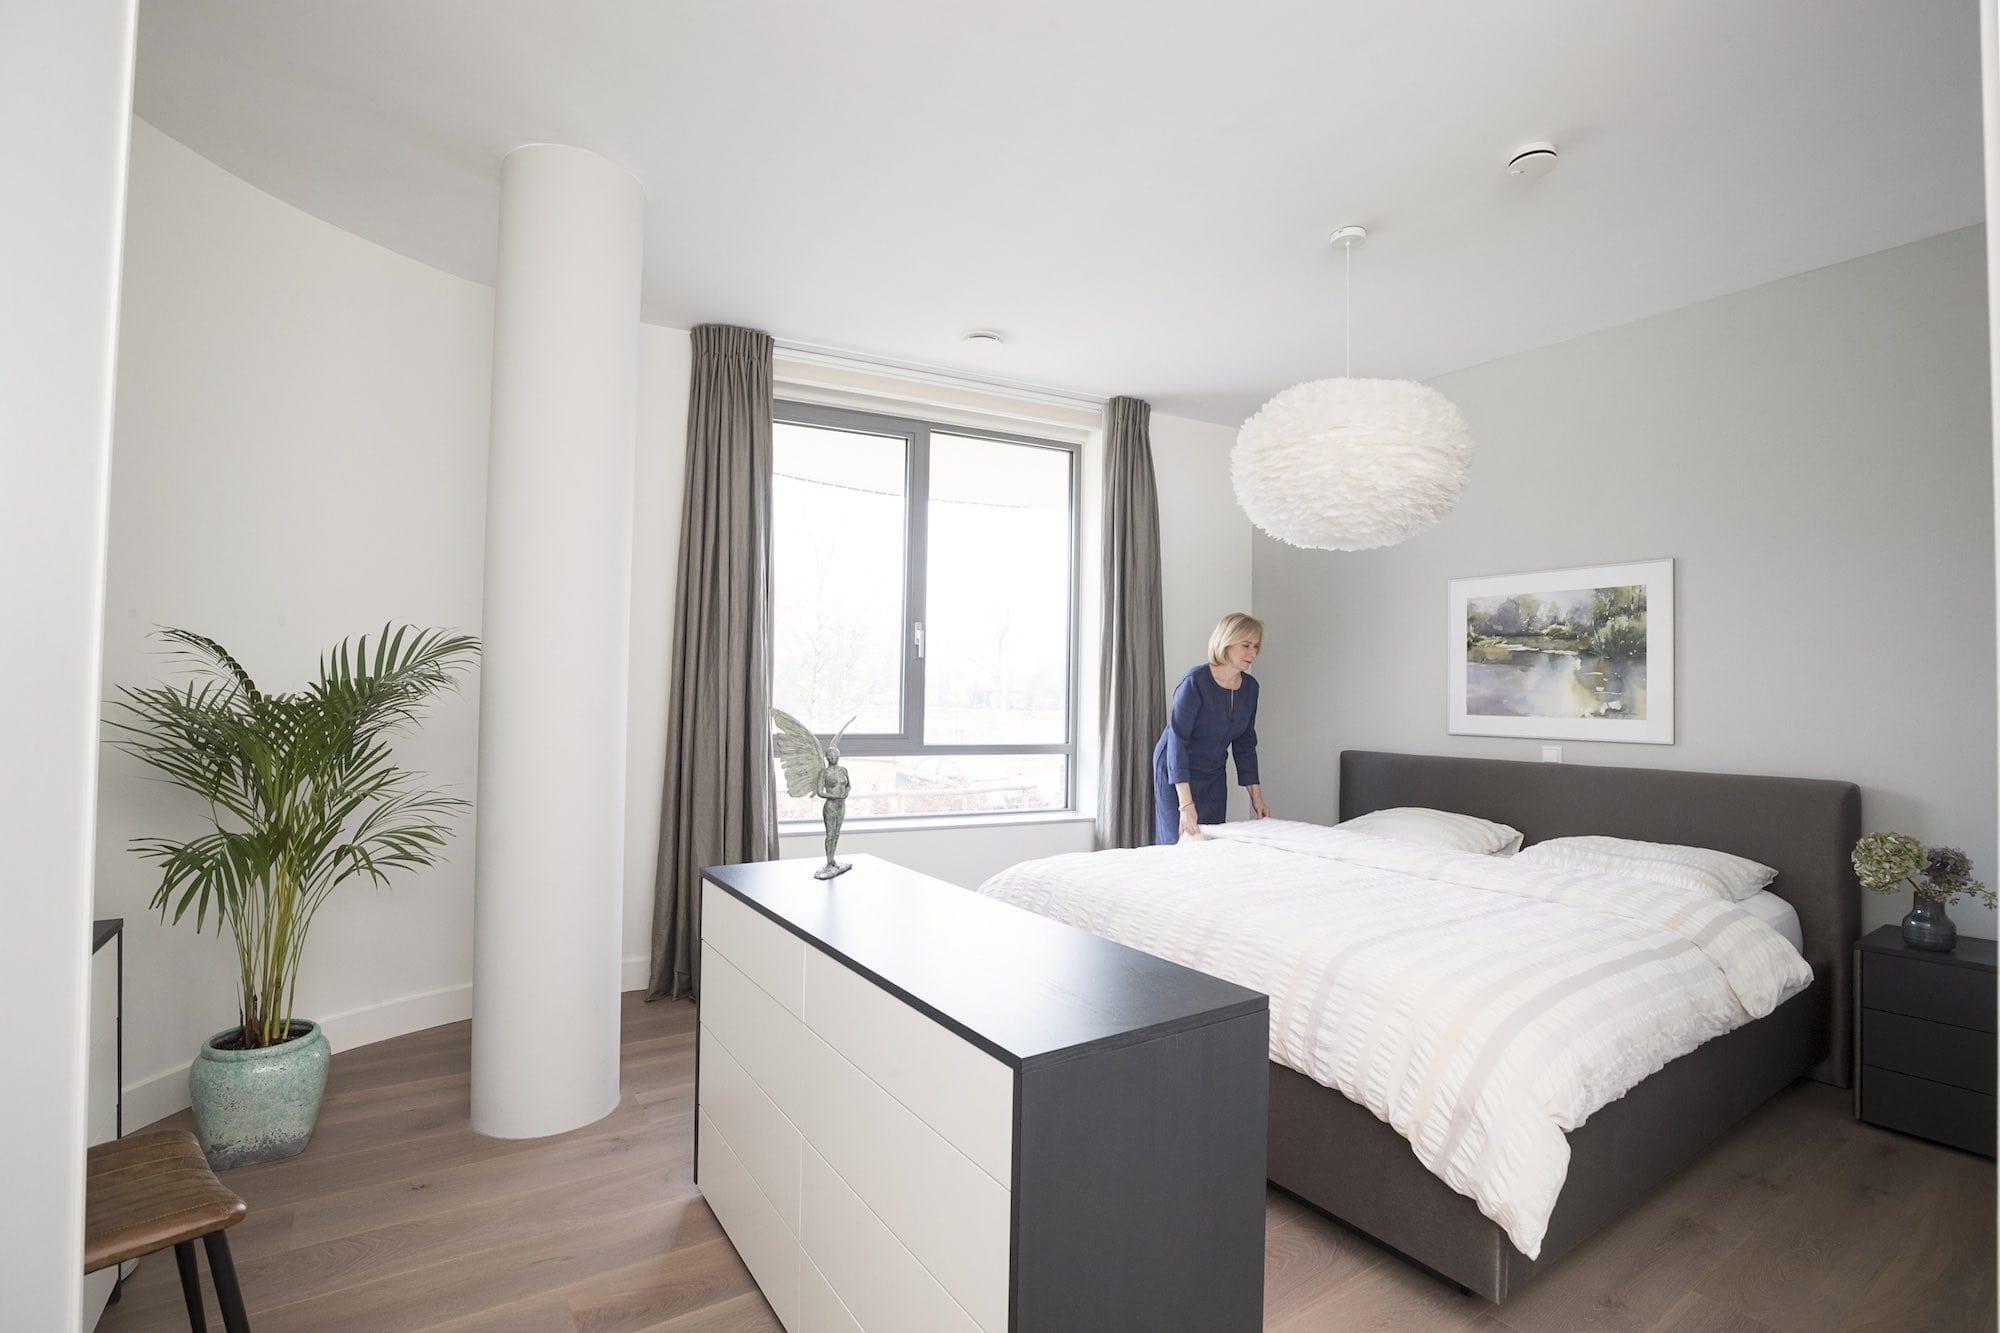 Een compleet ingerichte slaapkamer met bed en kast.